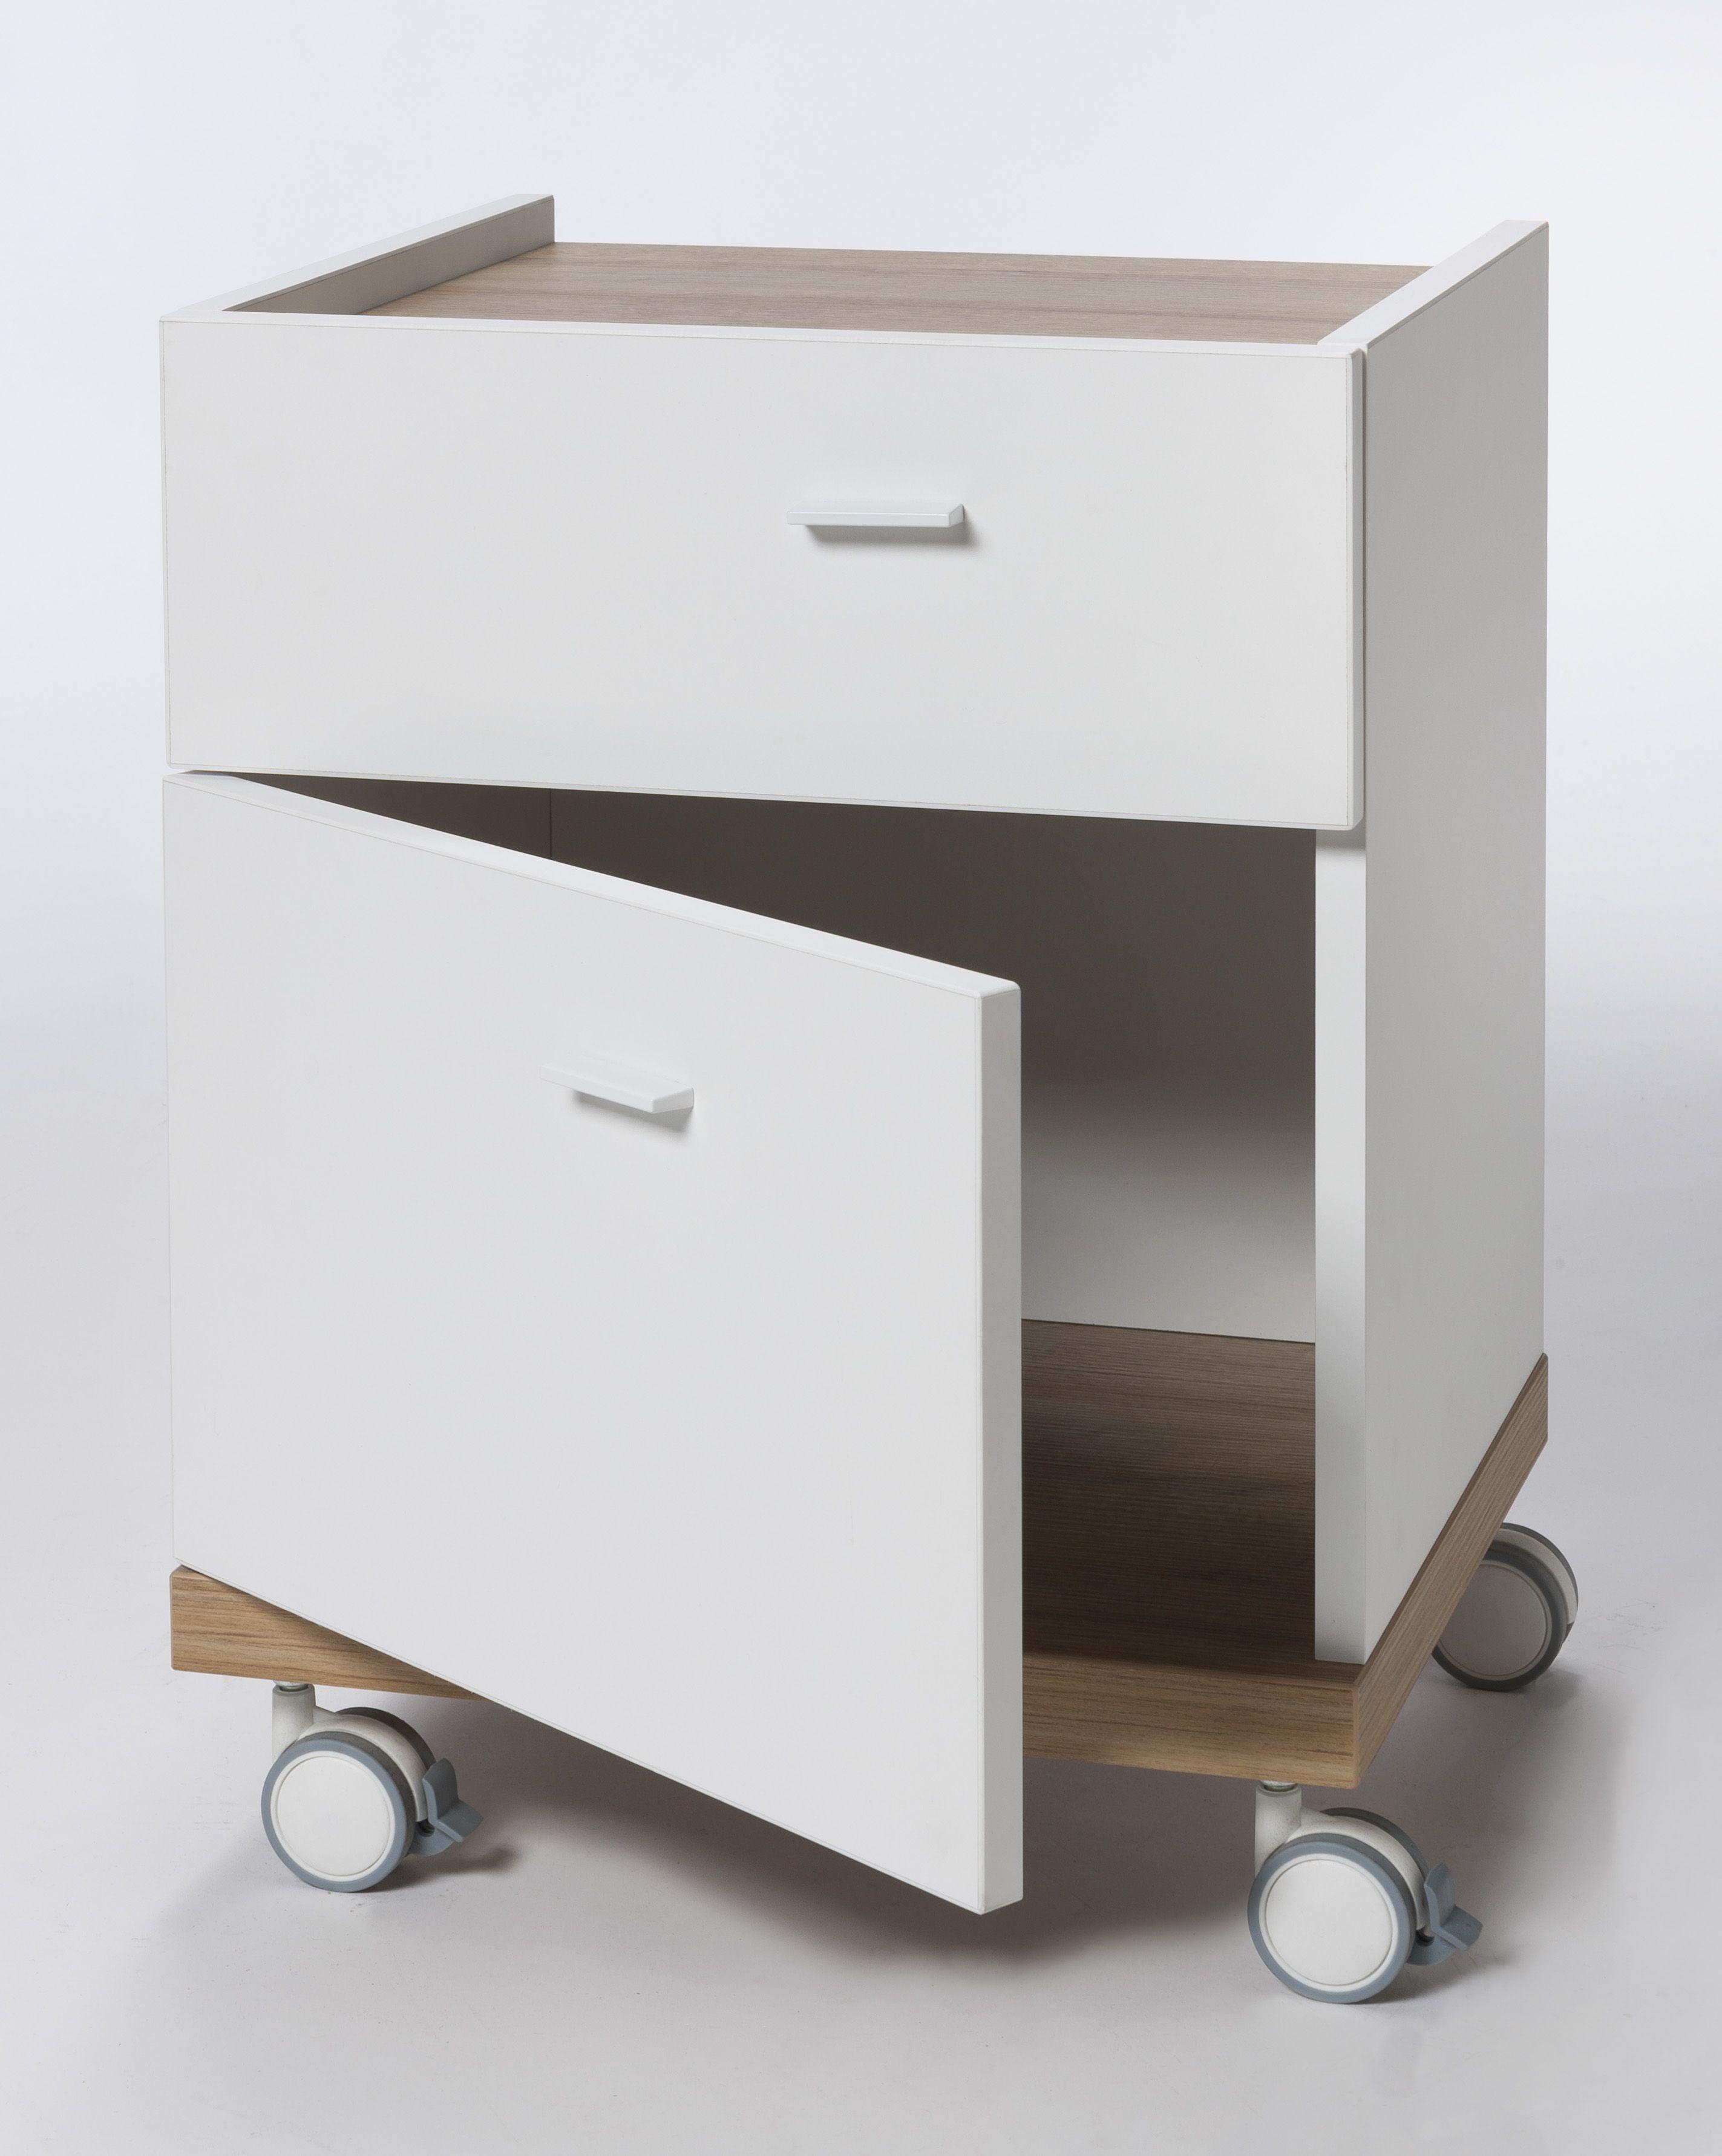 Cassettiere Ikea Con Ruote.Comodino In Legno Bianco Con Ruote Cassetto E Anta Design Moderno